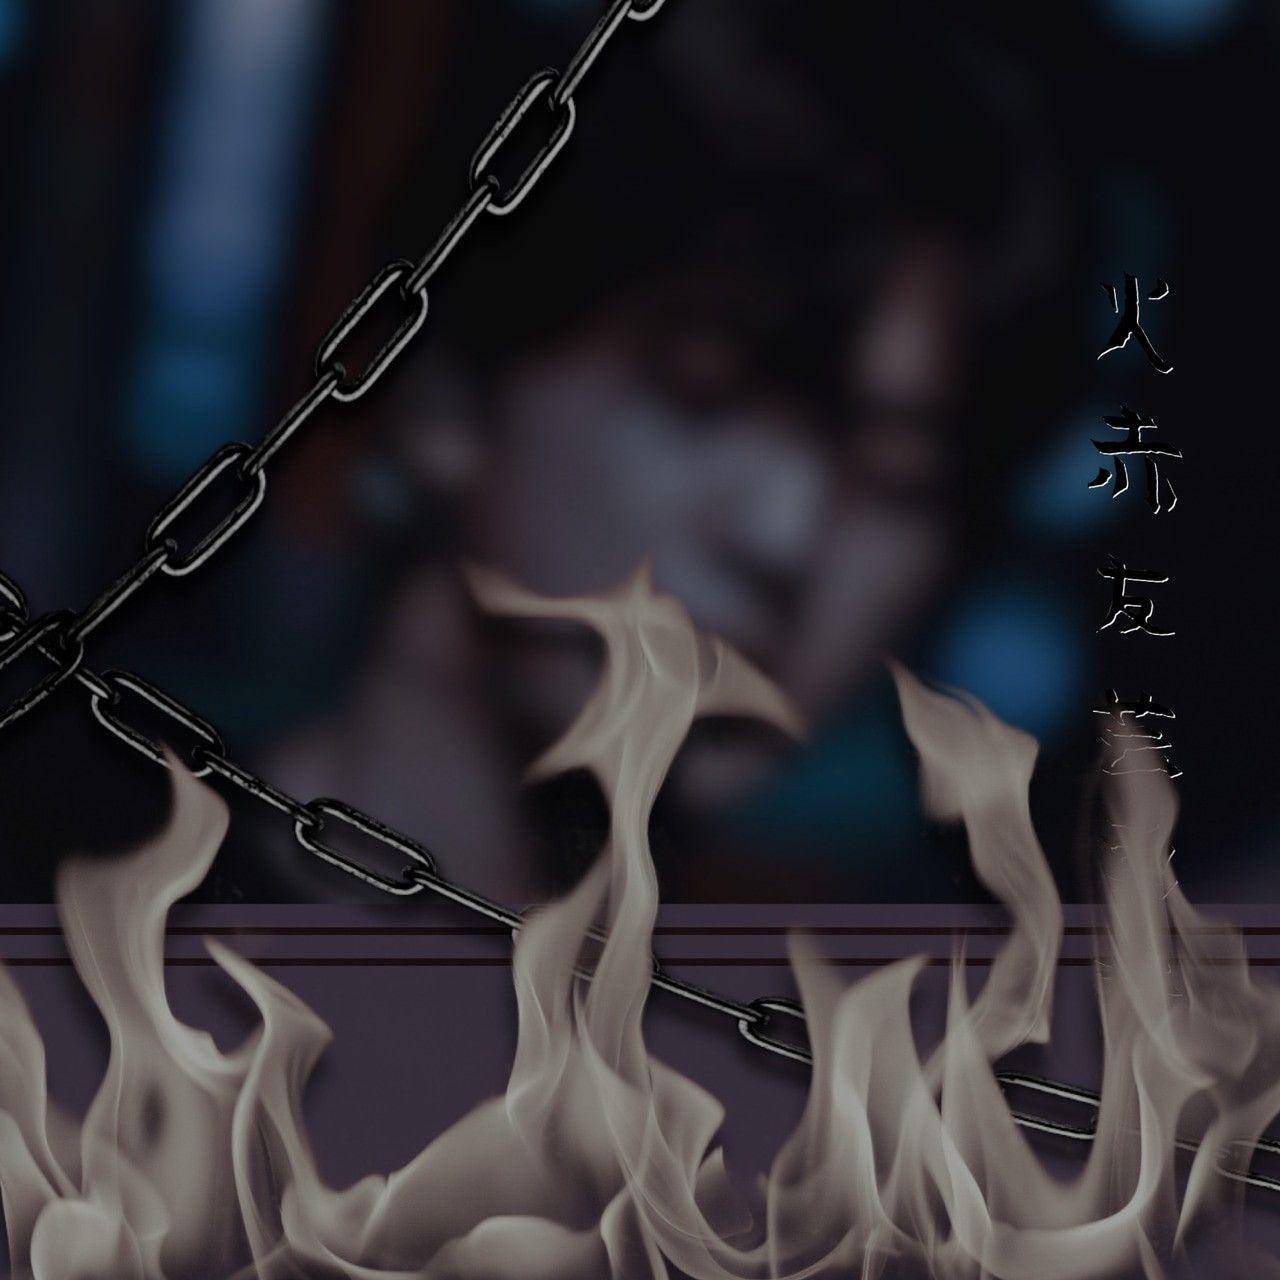 Pin by ― 𝐨𝐛𝐥𝐢𝐯𝐢𝐨𝐧 遗忘 on ༊*·˚ ᴋᴘᴏᴘ ɪᴄᴏɴs 韩流图标 Aesthetic